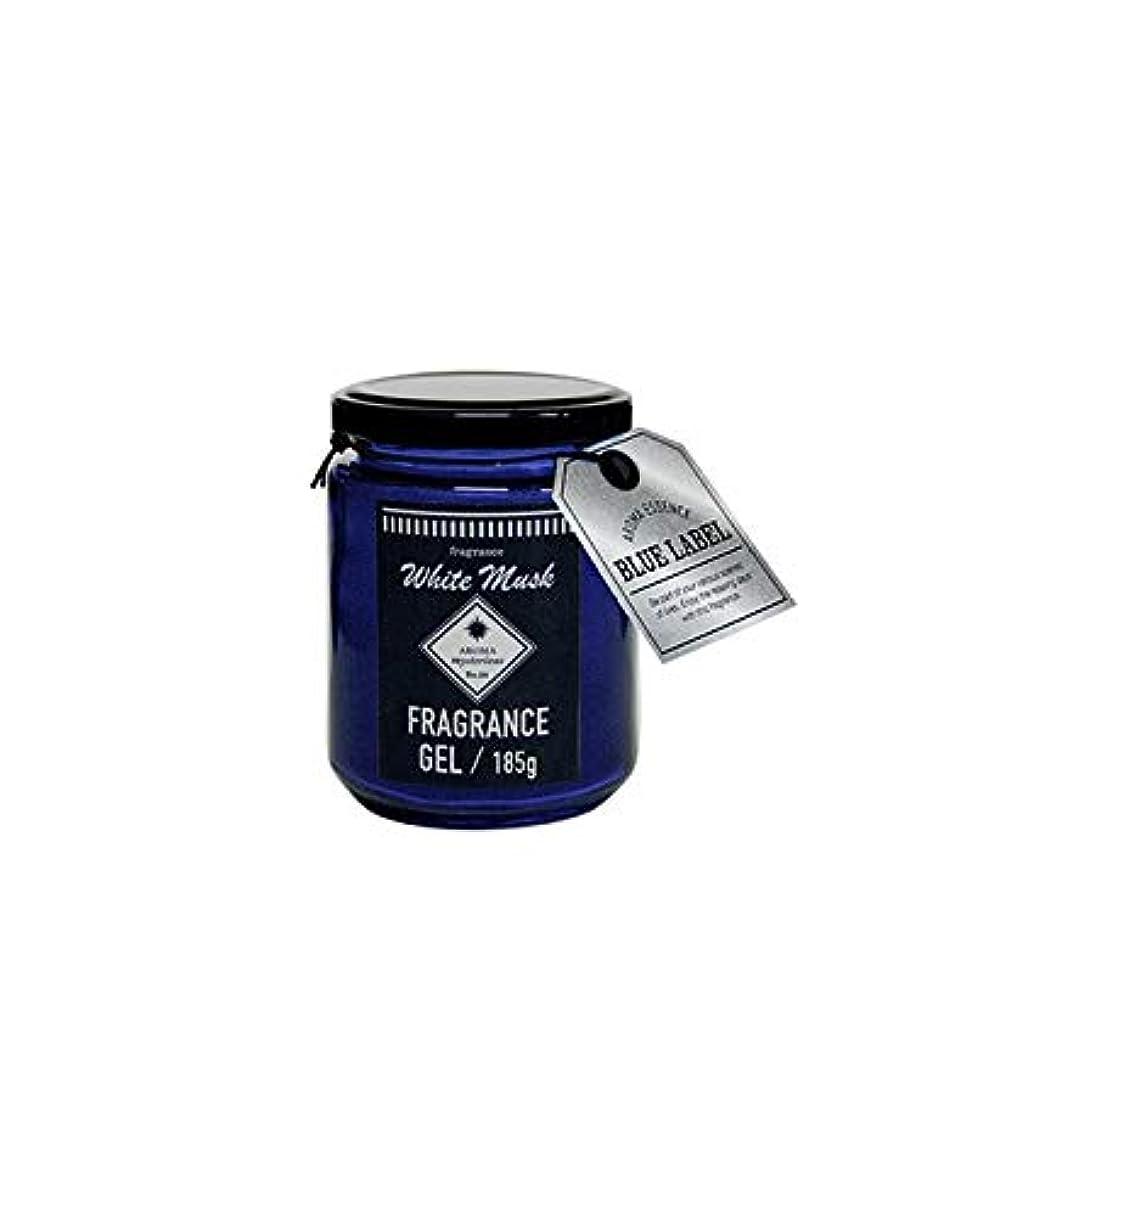 好意サンダースレギュラーブルーラベル ブルー フレグランスジェル185g ホワイトムスク(消臭除菌 日本製 誰もが好む香り)